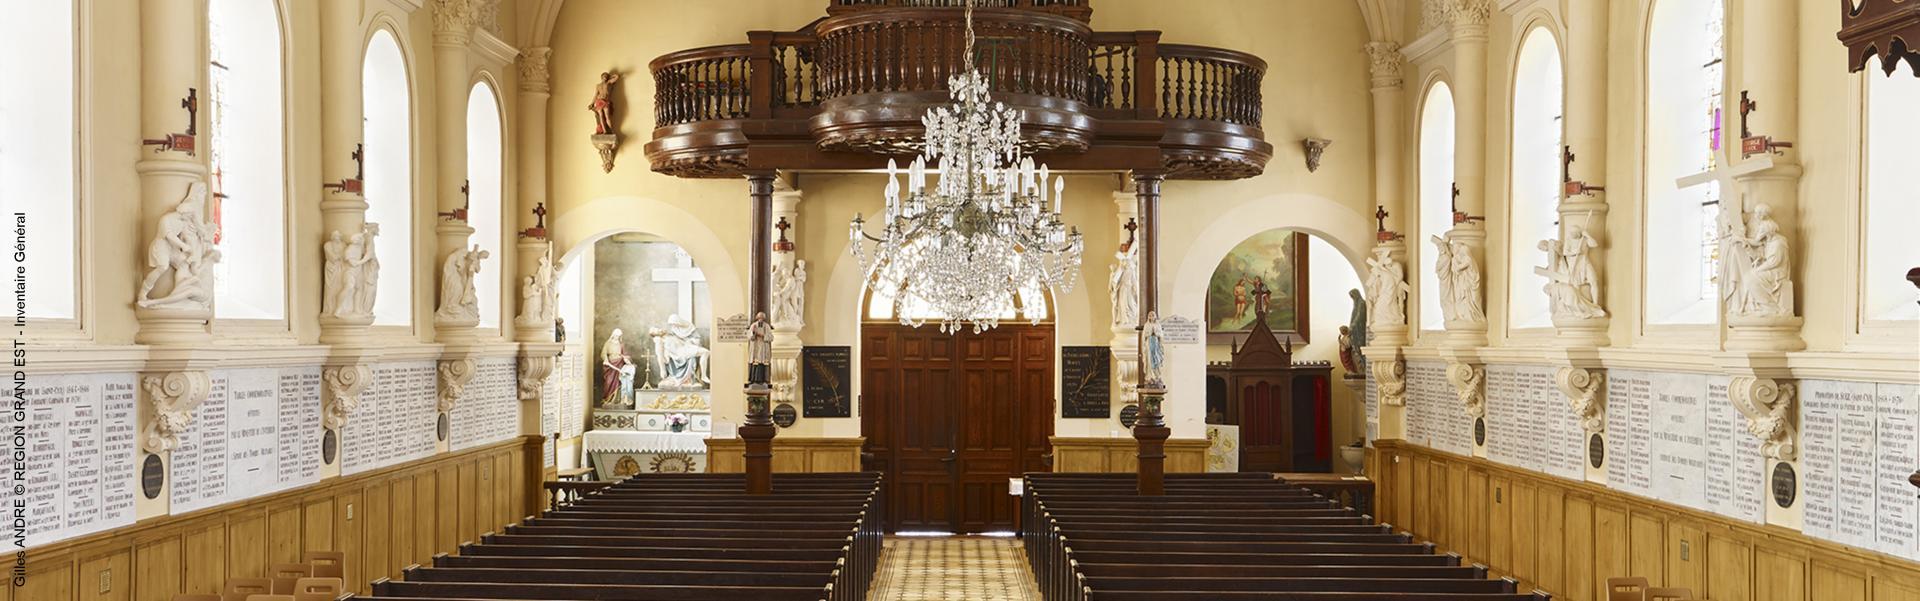 Eglise Saint-Martin de Mars-la-Tour